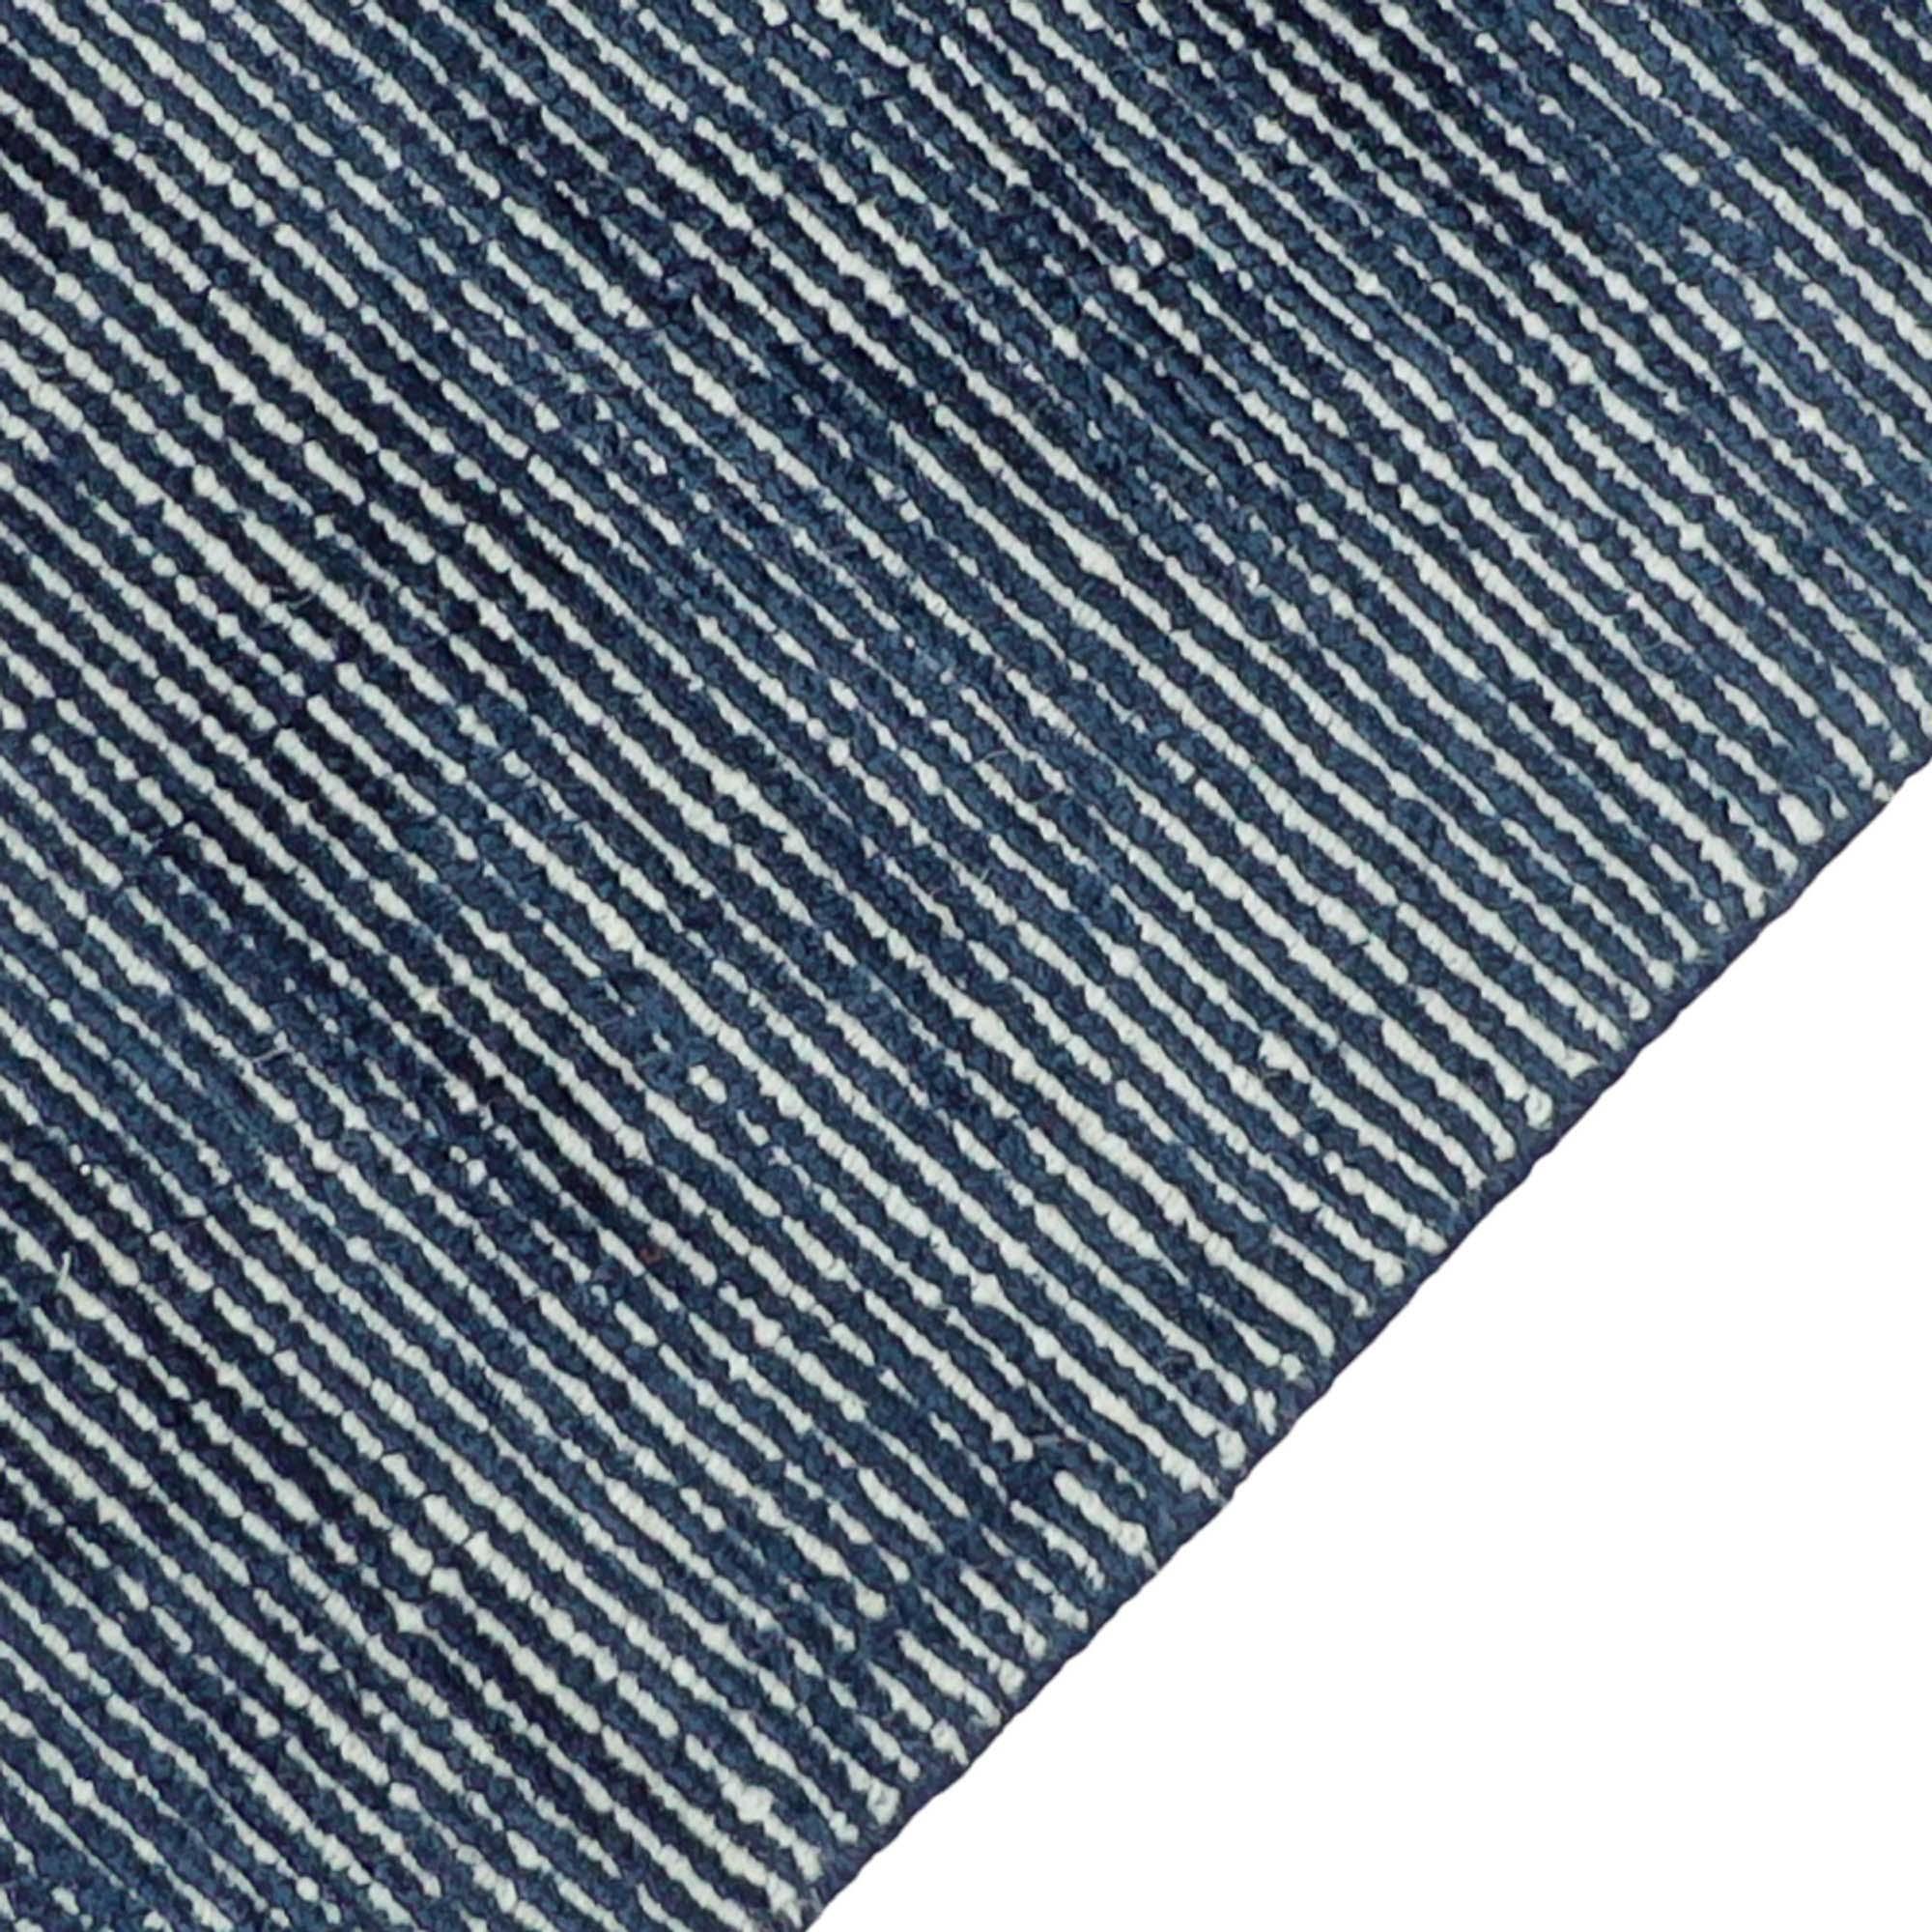 ELEN1_Elements_Navy_160x230-edge